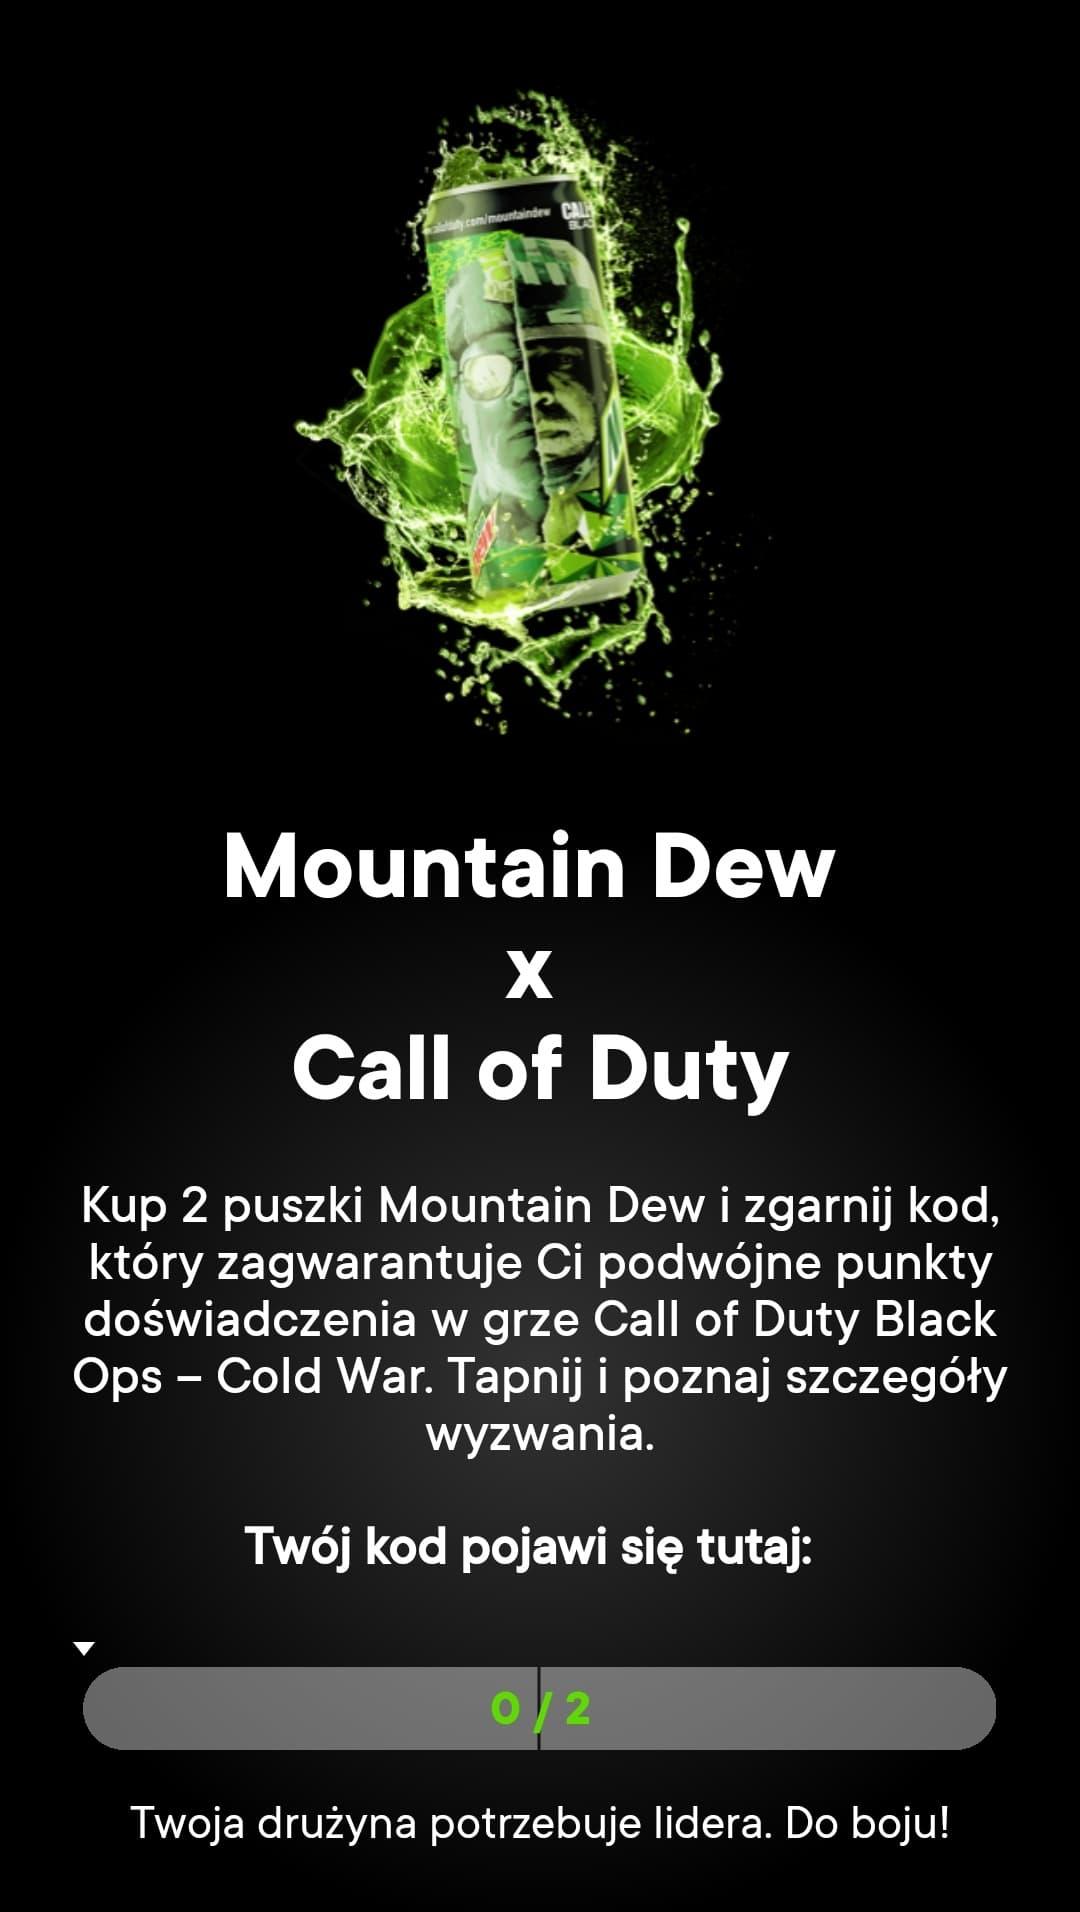 Żabka - Kup 2 puszki Mountain Dew i otrzymaj kod 2XP 15 min do Call Of Duty: Black Ops Cold War